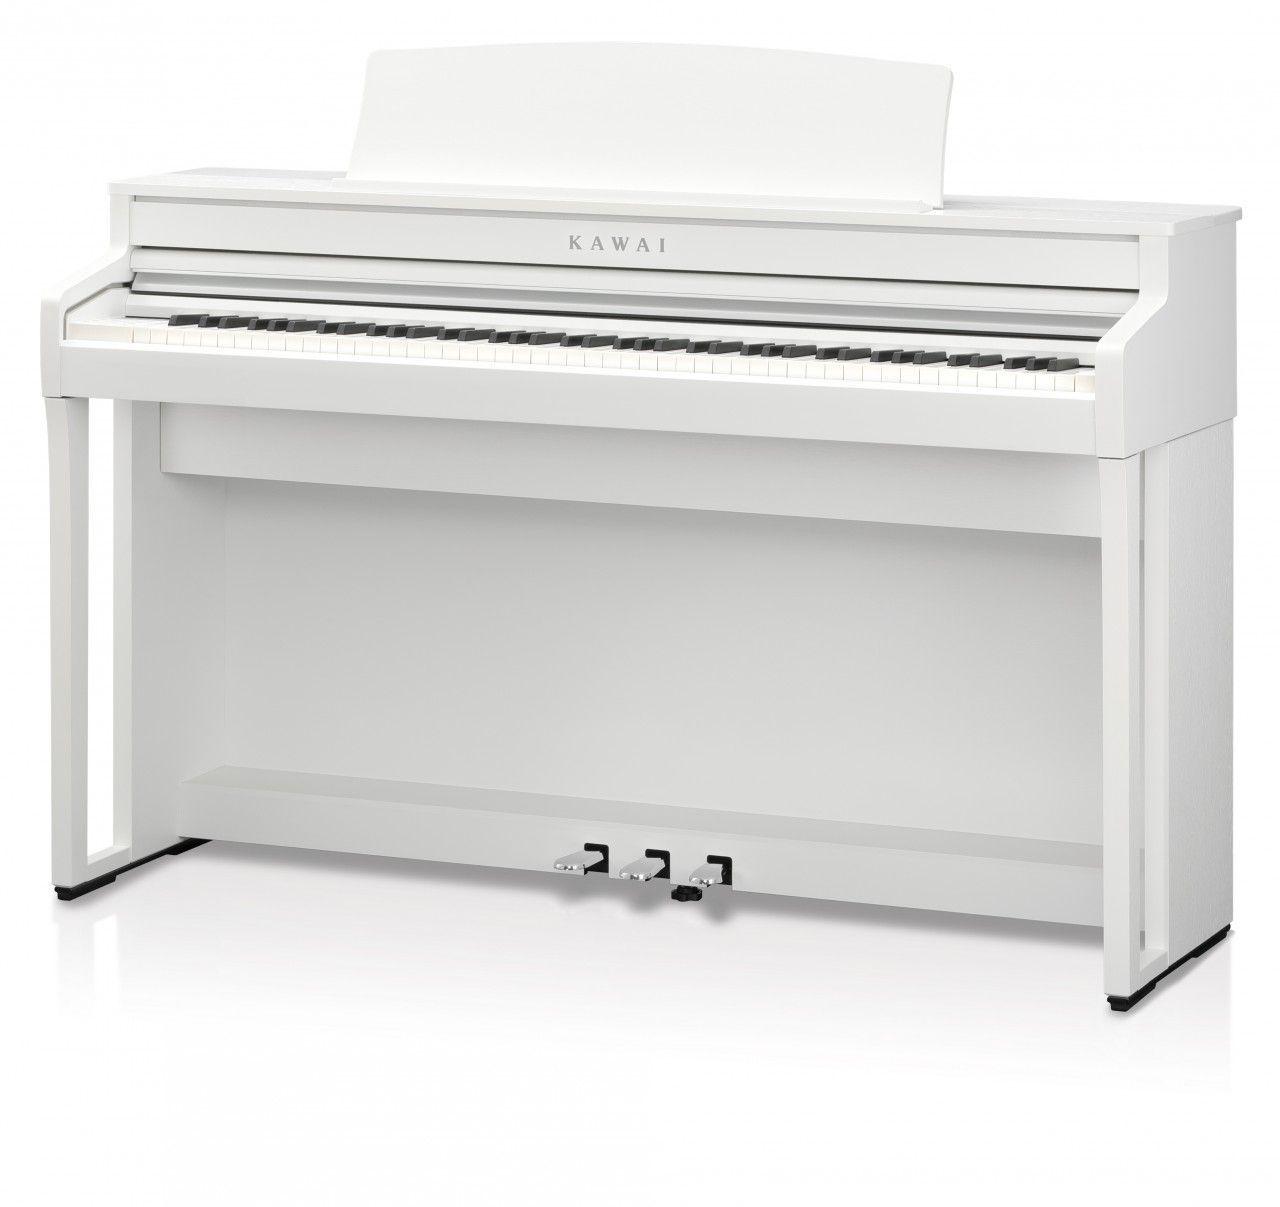 KAWAI CA-59 W Digitalpiano weiß matt, neue Grand Feel Compact Mechanik, CA59W